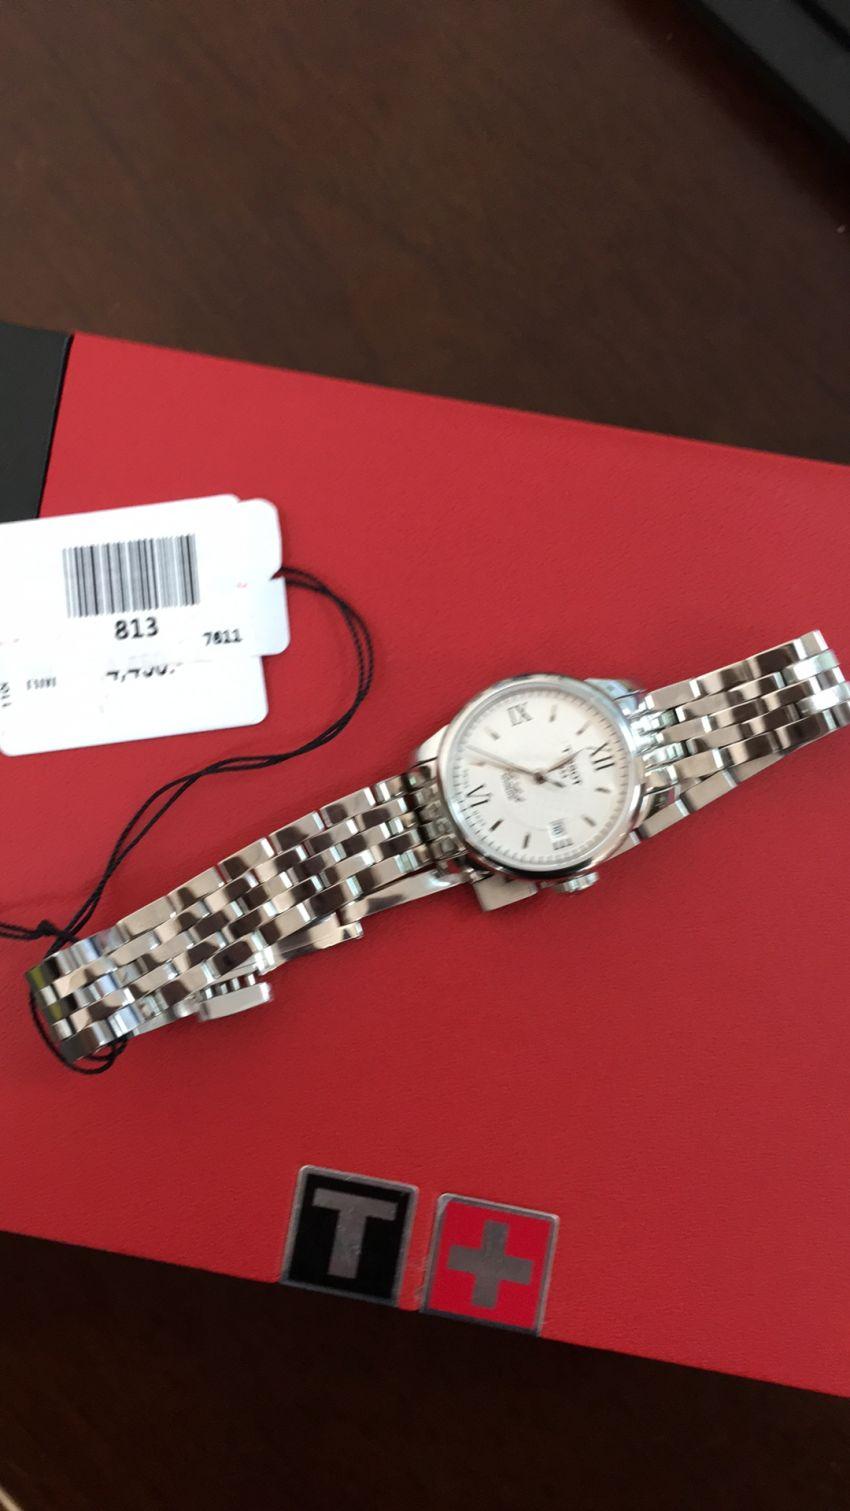 天梭T41.1.183.33手表【表友晒单作业】一直关注这...